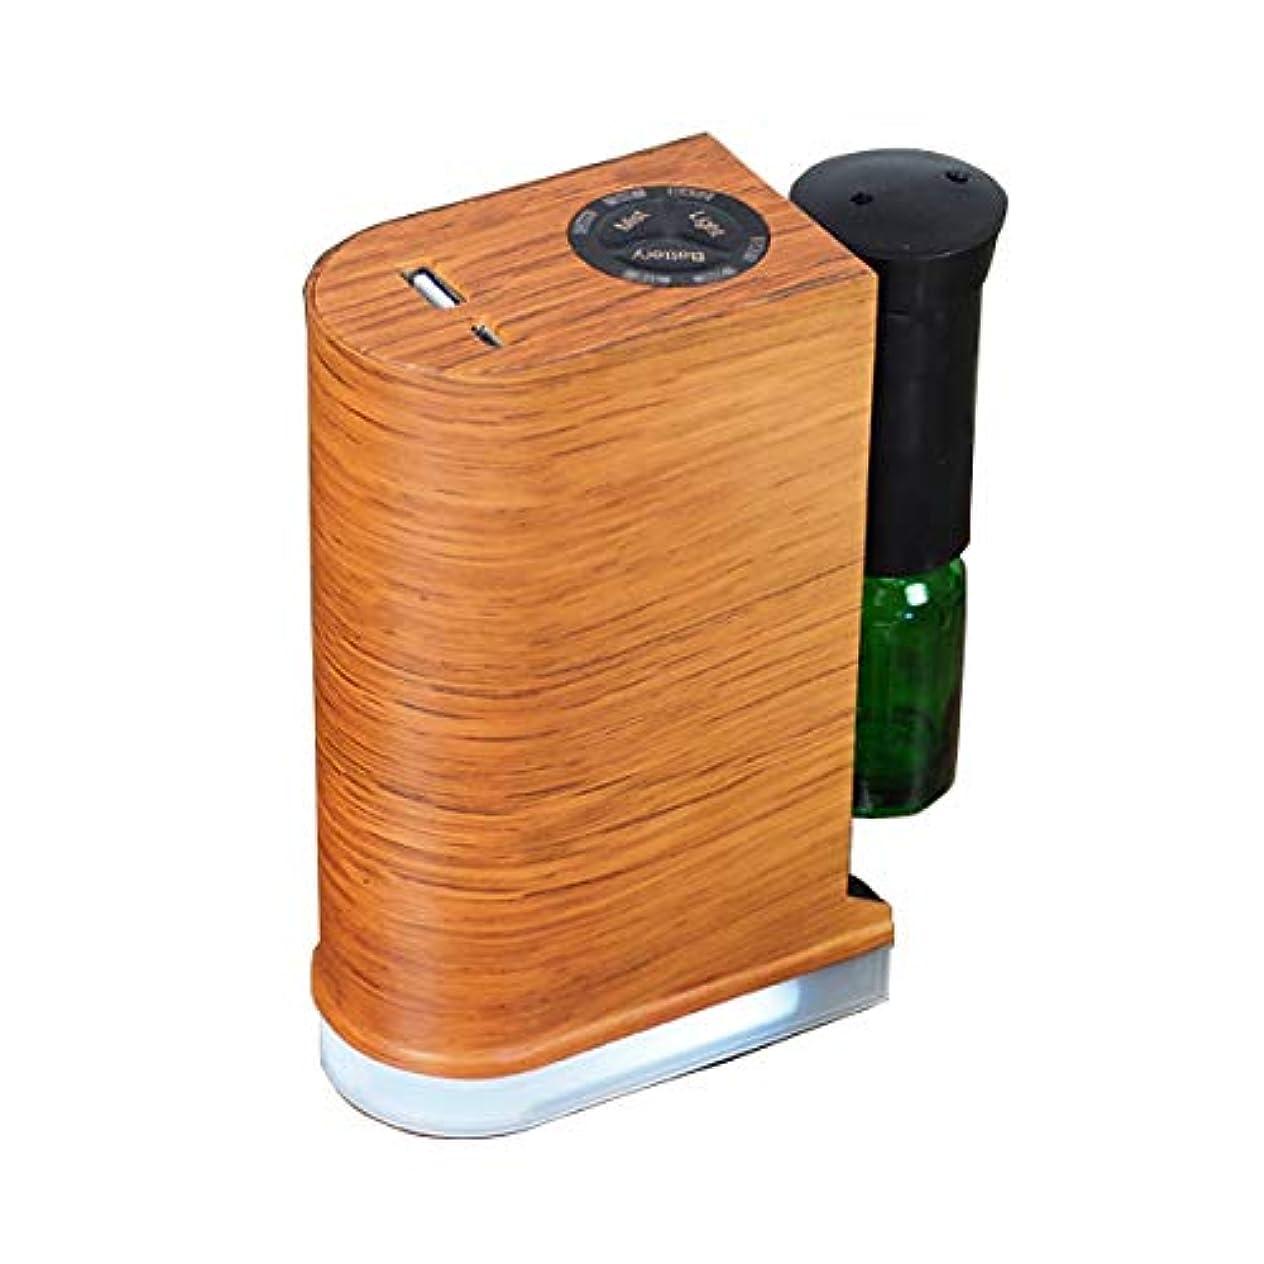 柔和先見の明甘味アロマデュフューザー 水を使わない ネブライザー式アロマディフューザー LED搭載 アロマオイル 精油 アロマ芳香 (ブラウン)